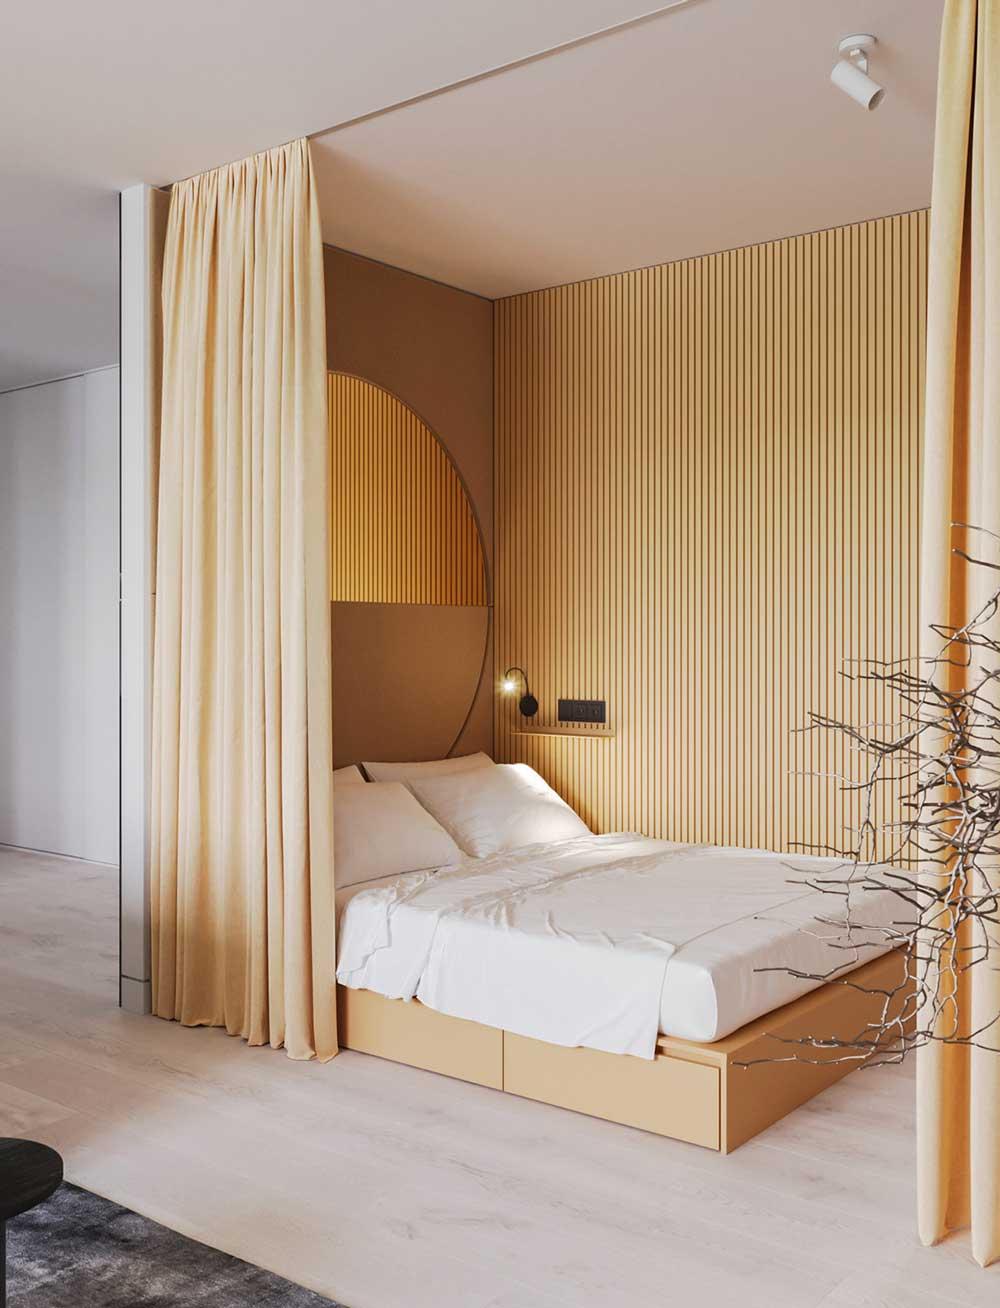 Un espace nuit dans les tons jaune pastel délimité par des rideaux